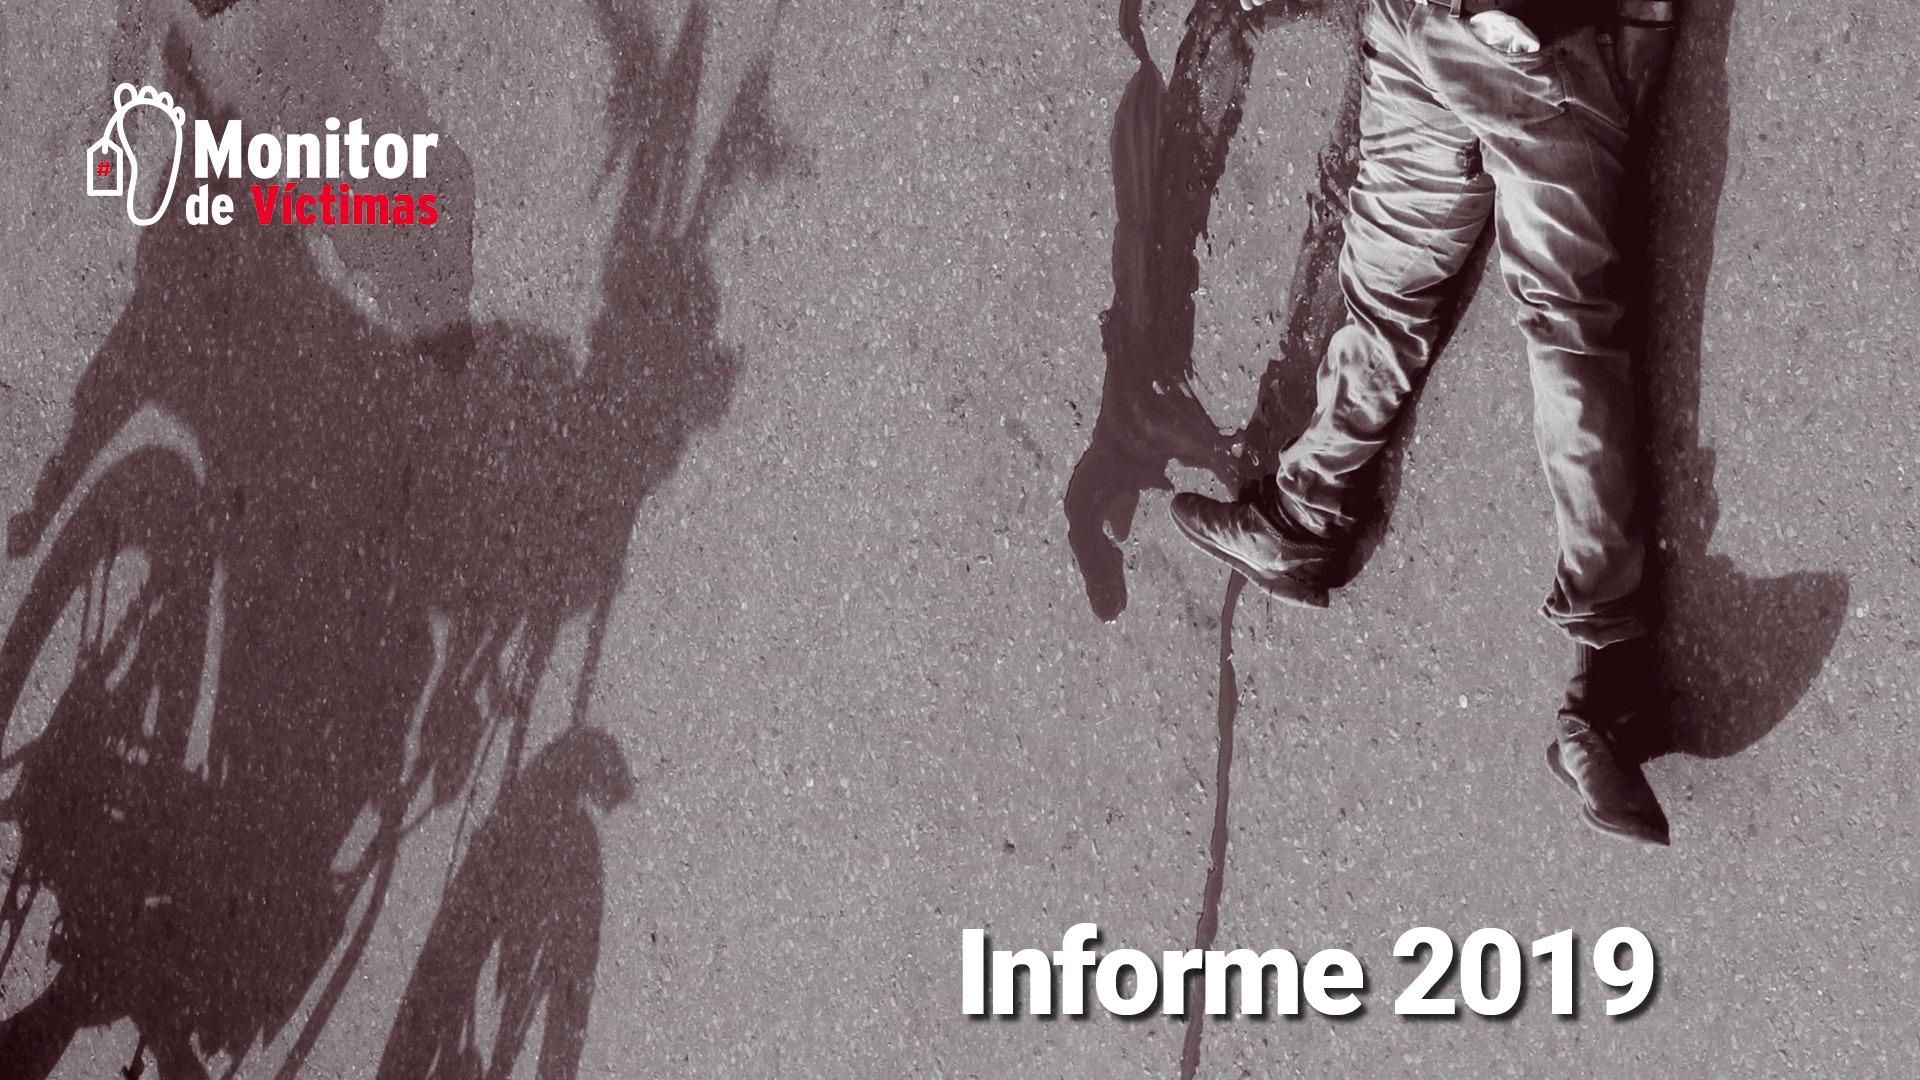 Informe #MonitorDeVíctimas 2019. Hogares peligrosos y policías asesinos